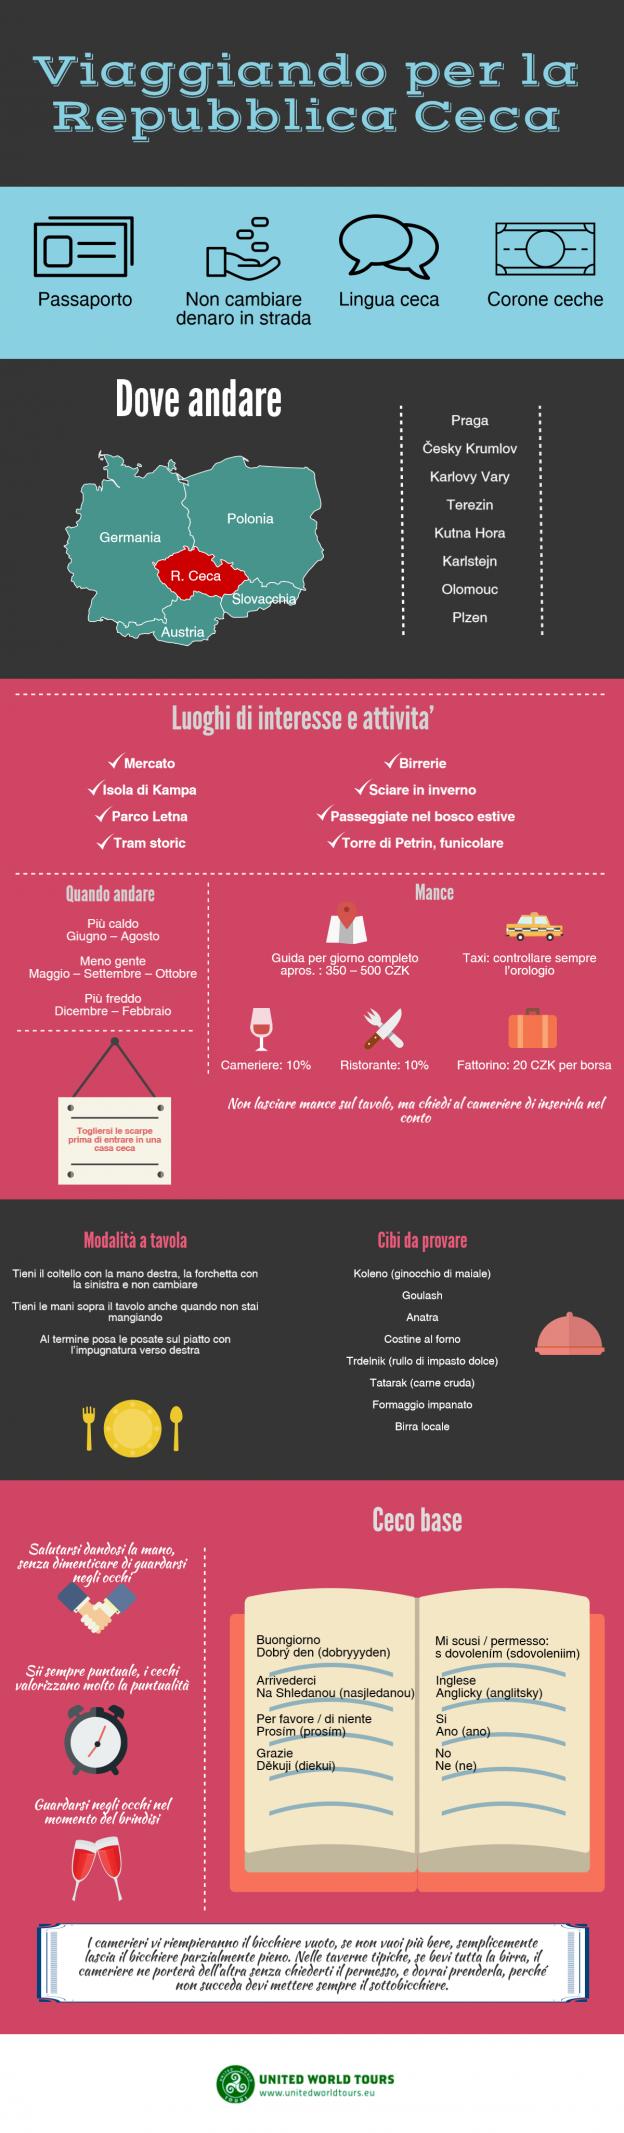 infografica viaggiando per la repubblica ceca